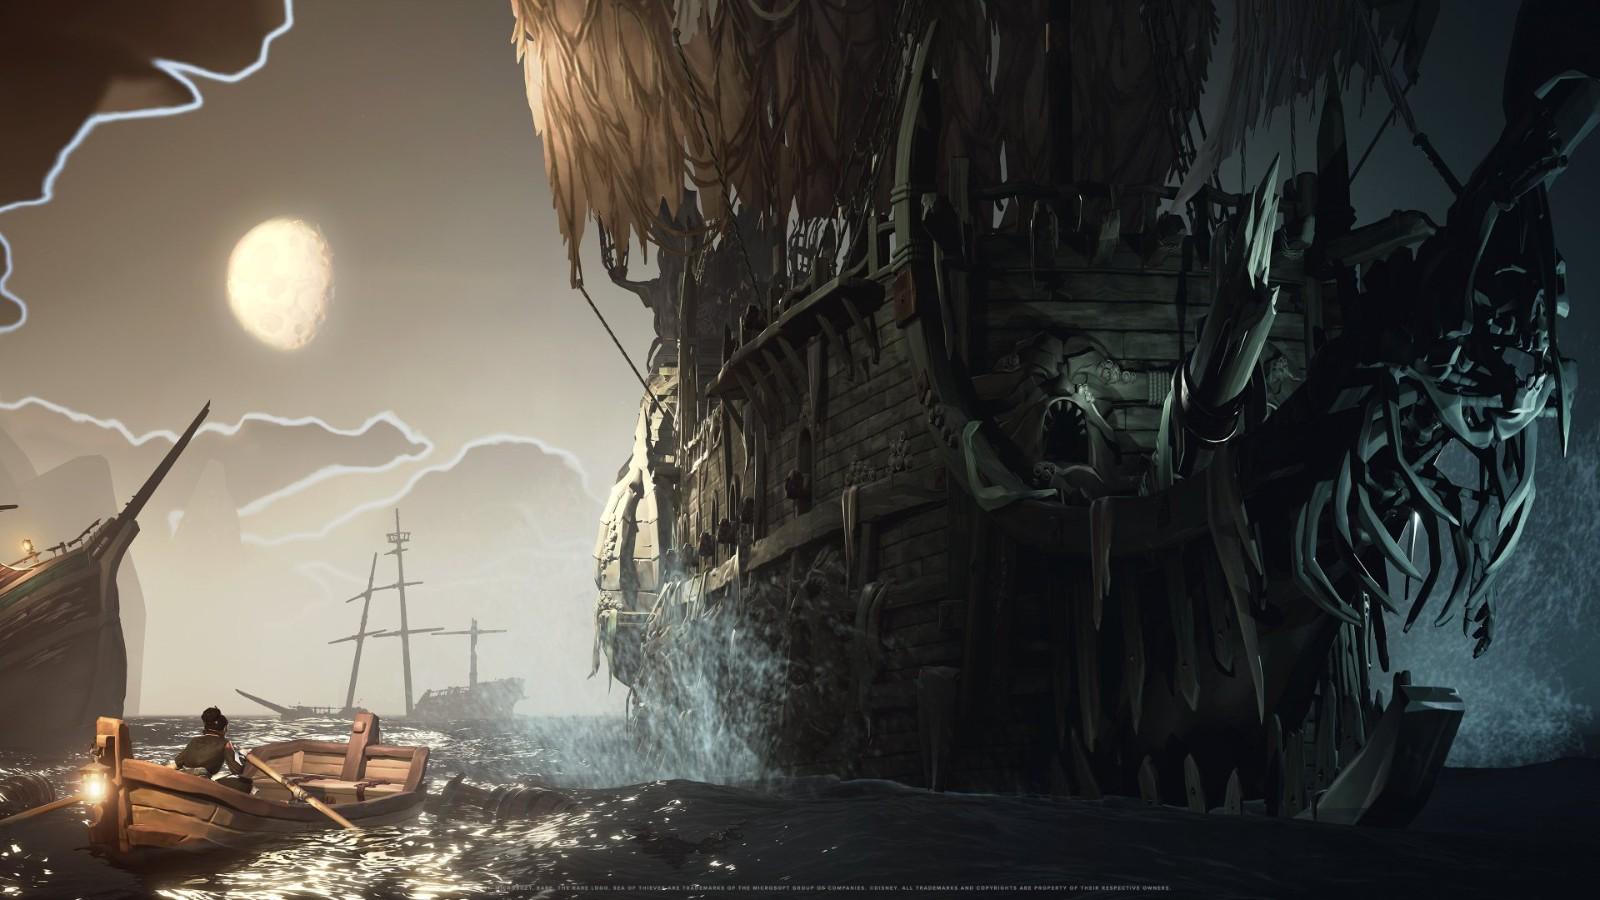 《盗贼之海:海盗生涯》新预告 联动加勒比海盗